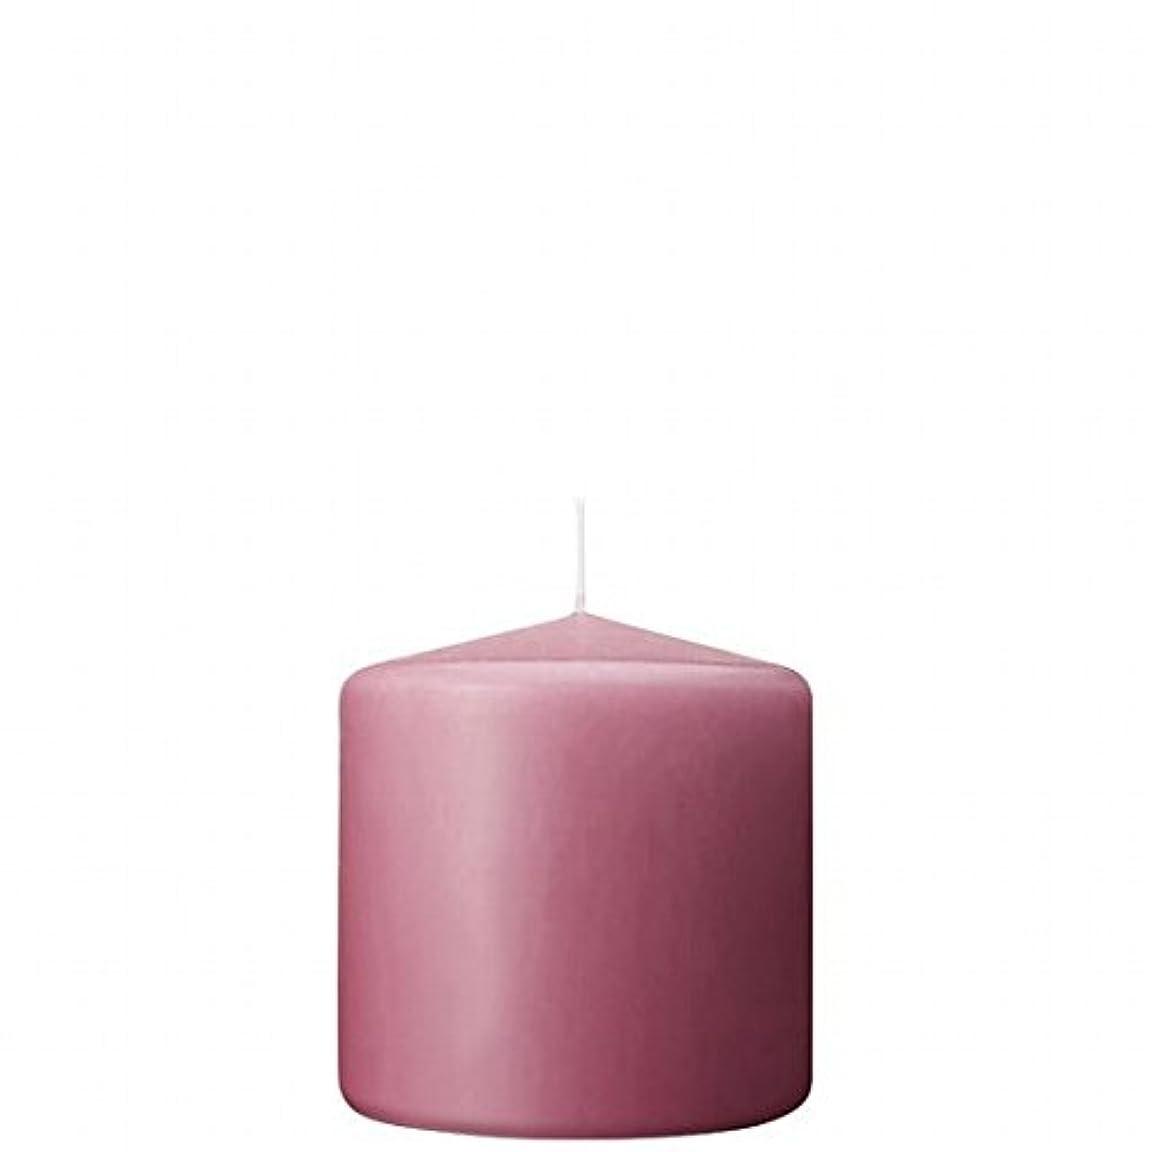 同意費用民主主義カメヤマキャンドル(kameyama candle) 3×3ベルトップピラーキャンドル 「 ラベンダークリーム 」